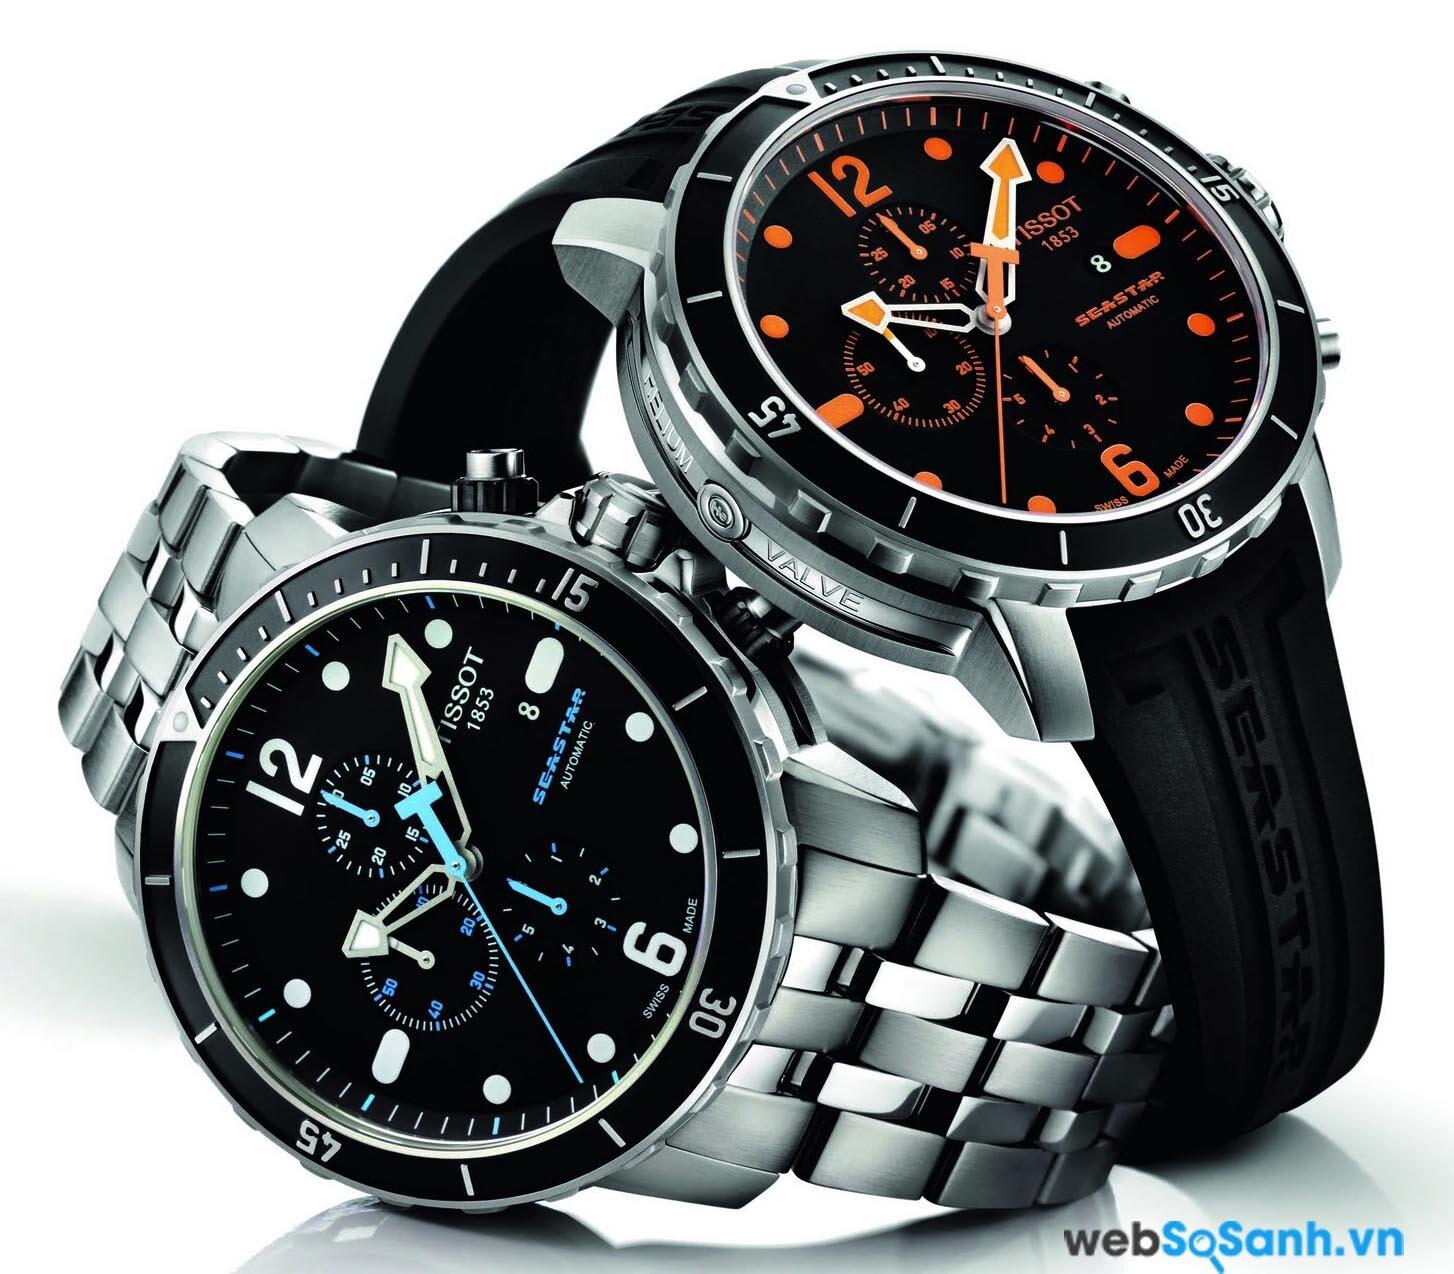 Một chiếc đồng hồ Tissot